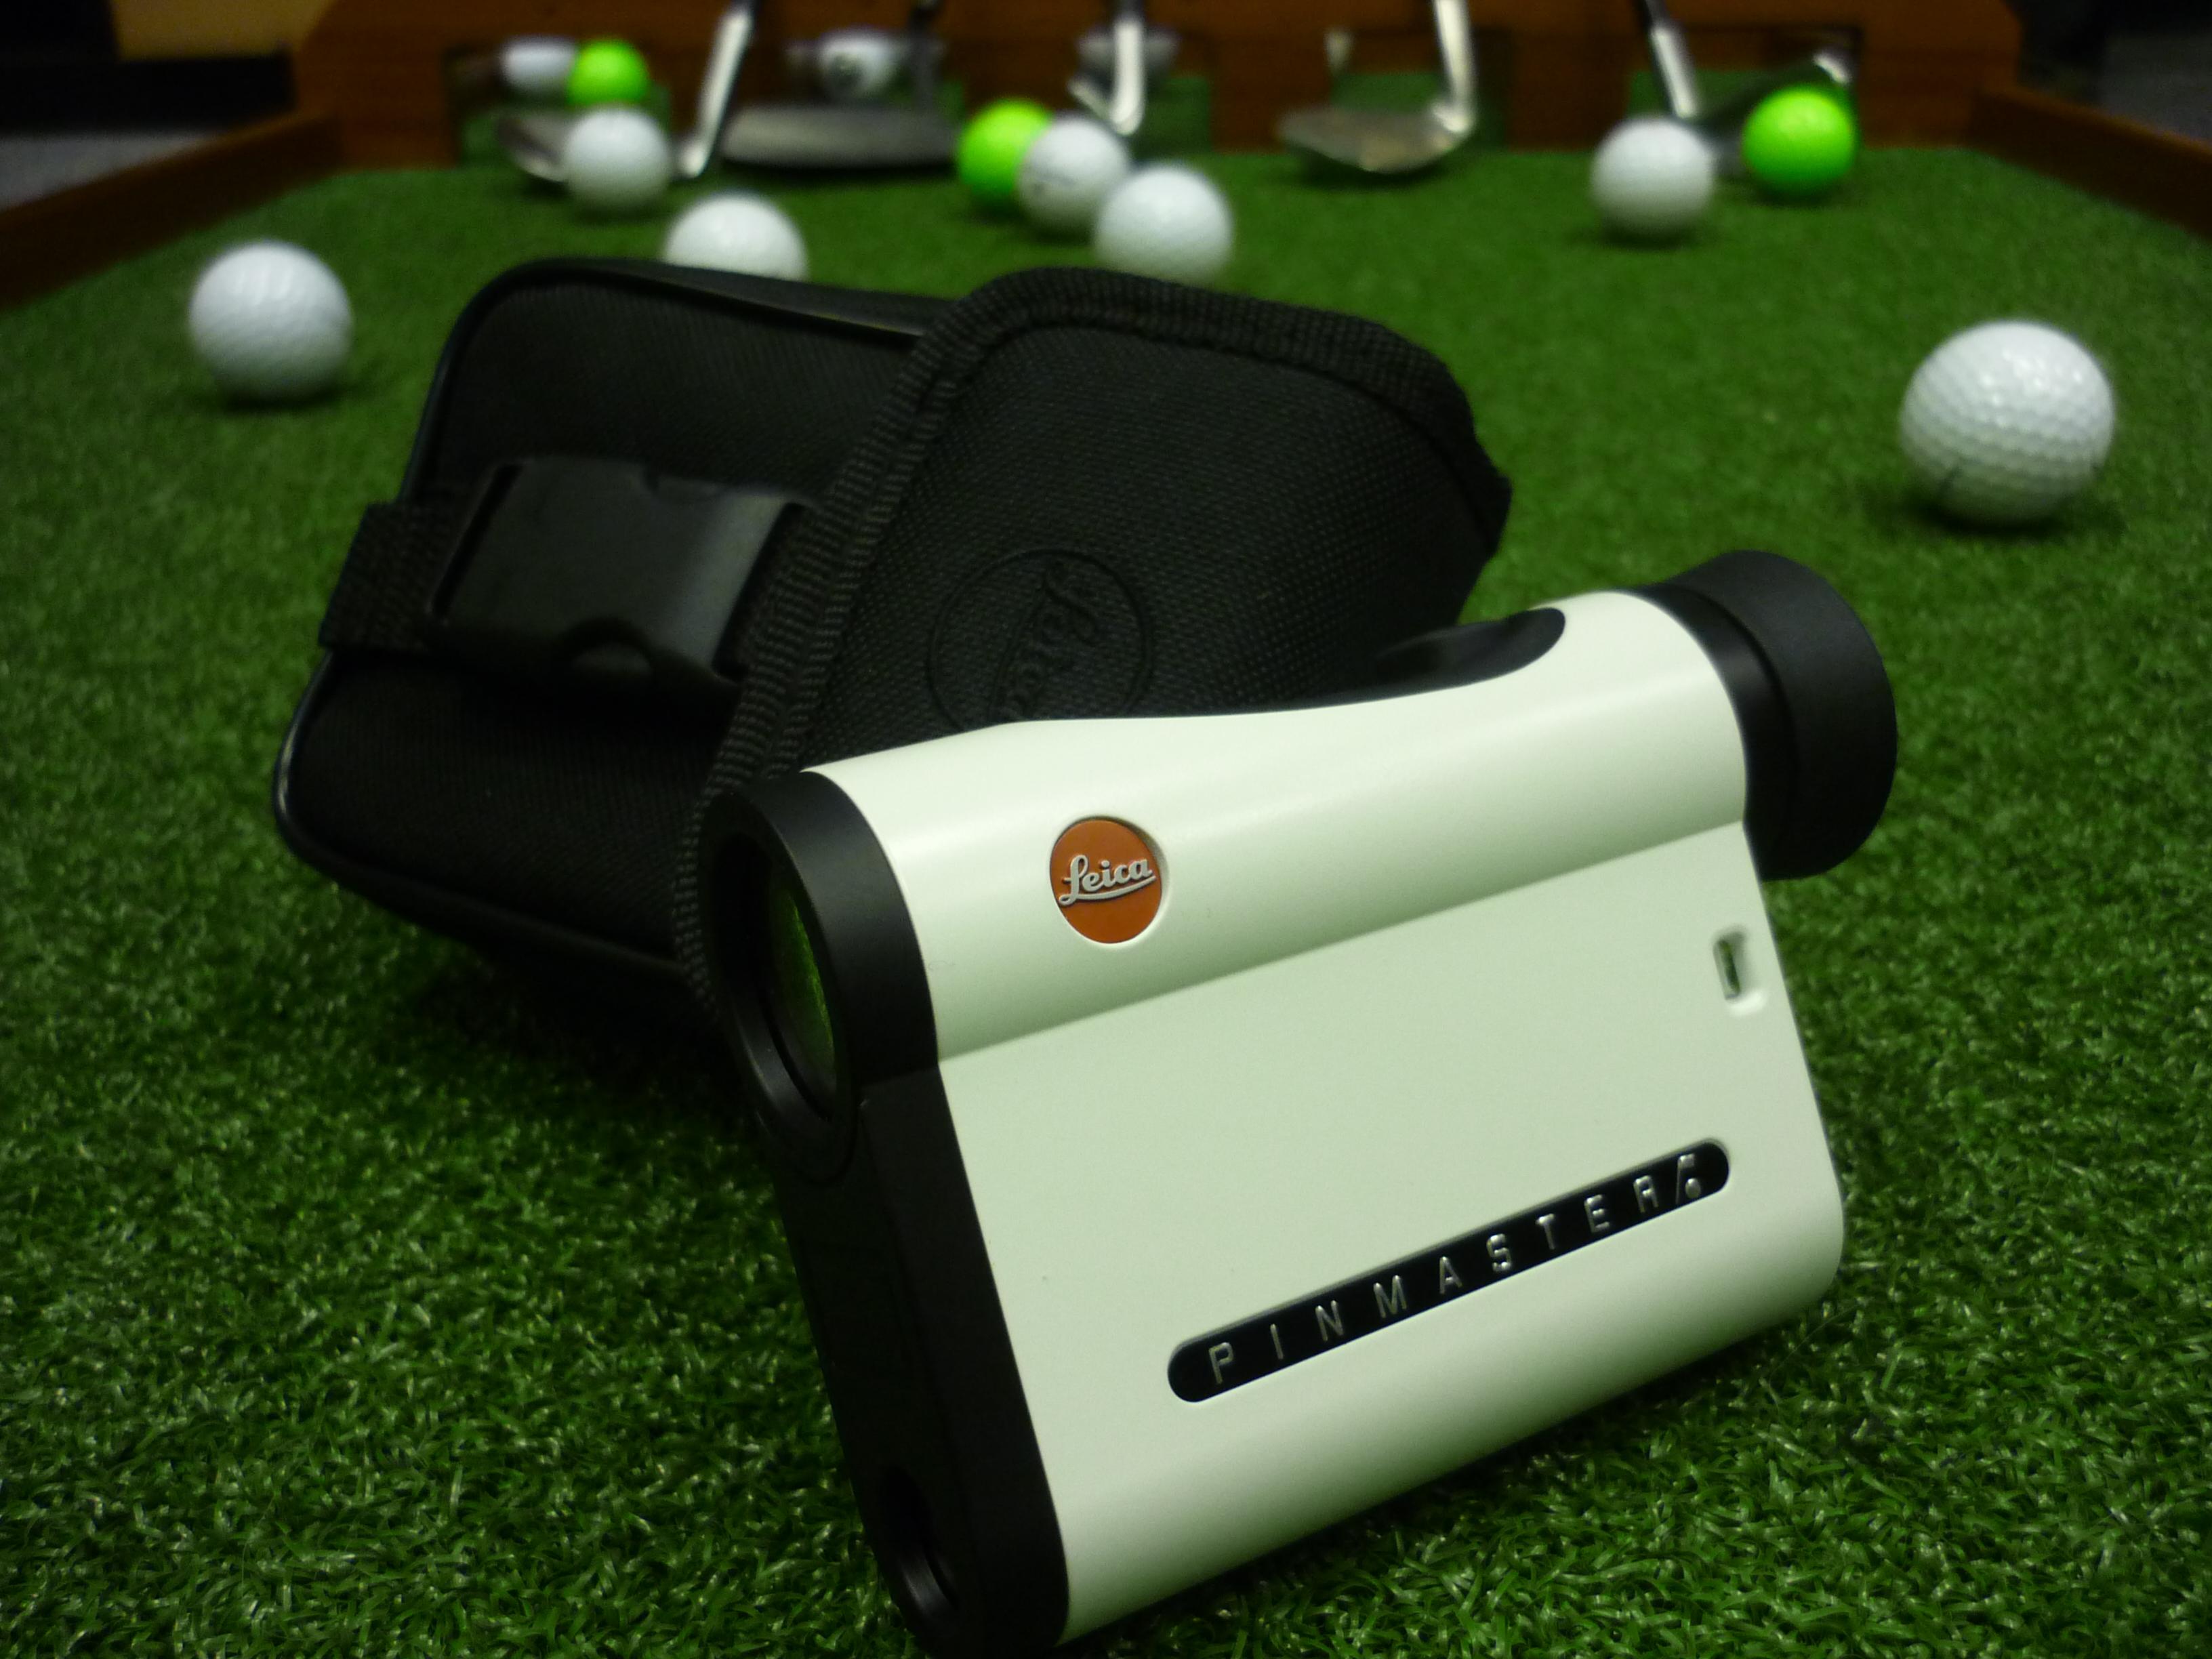 Leica Entfernungsmesser Golf : Golf entfernungsmesser leica laser rangefinder im test